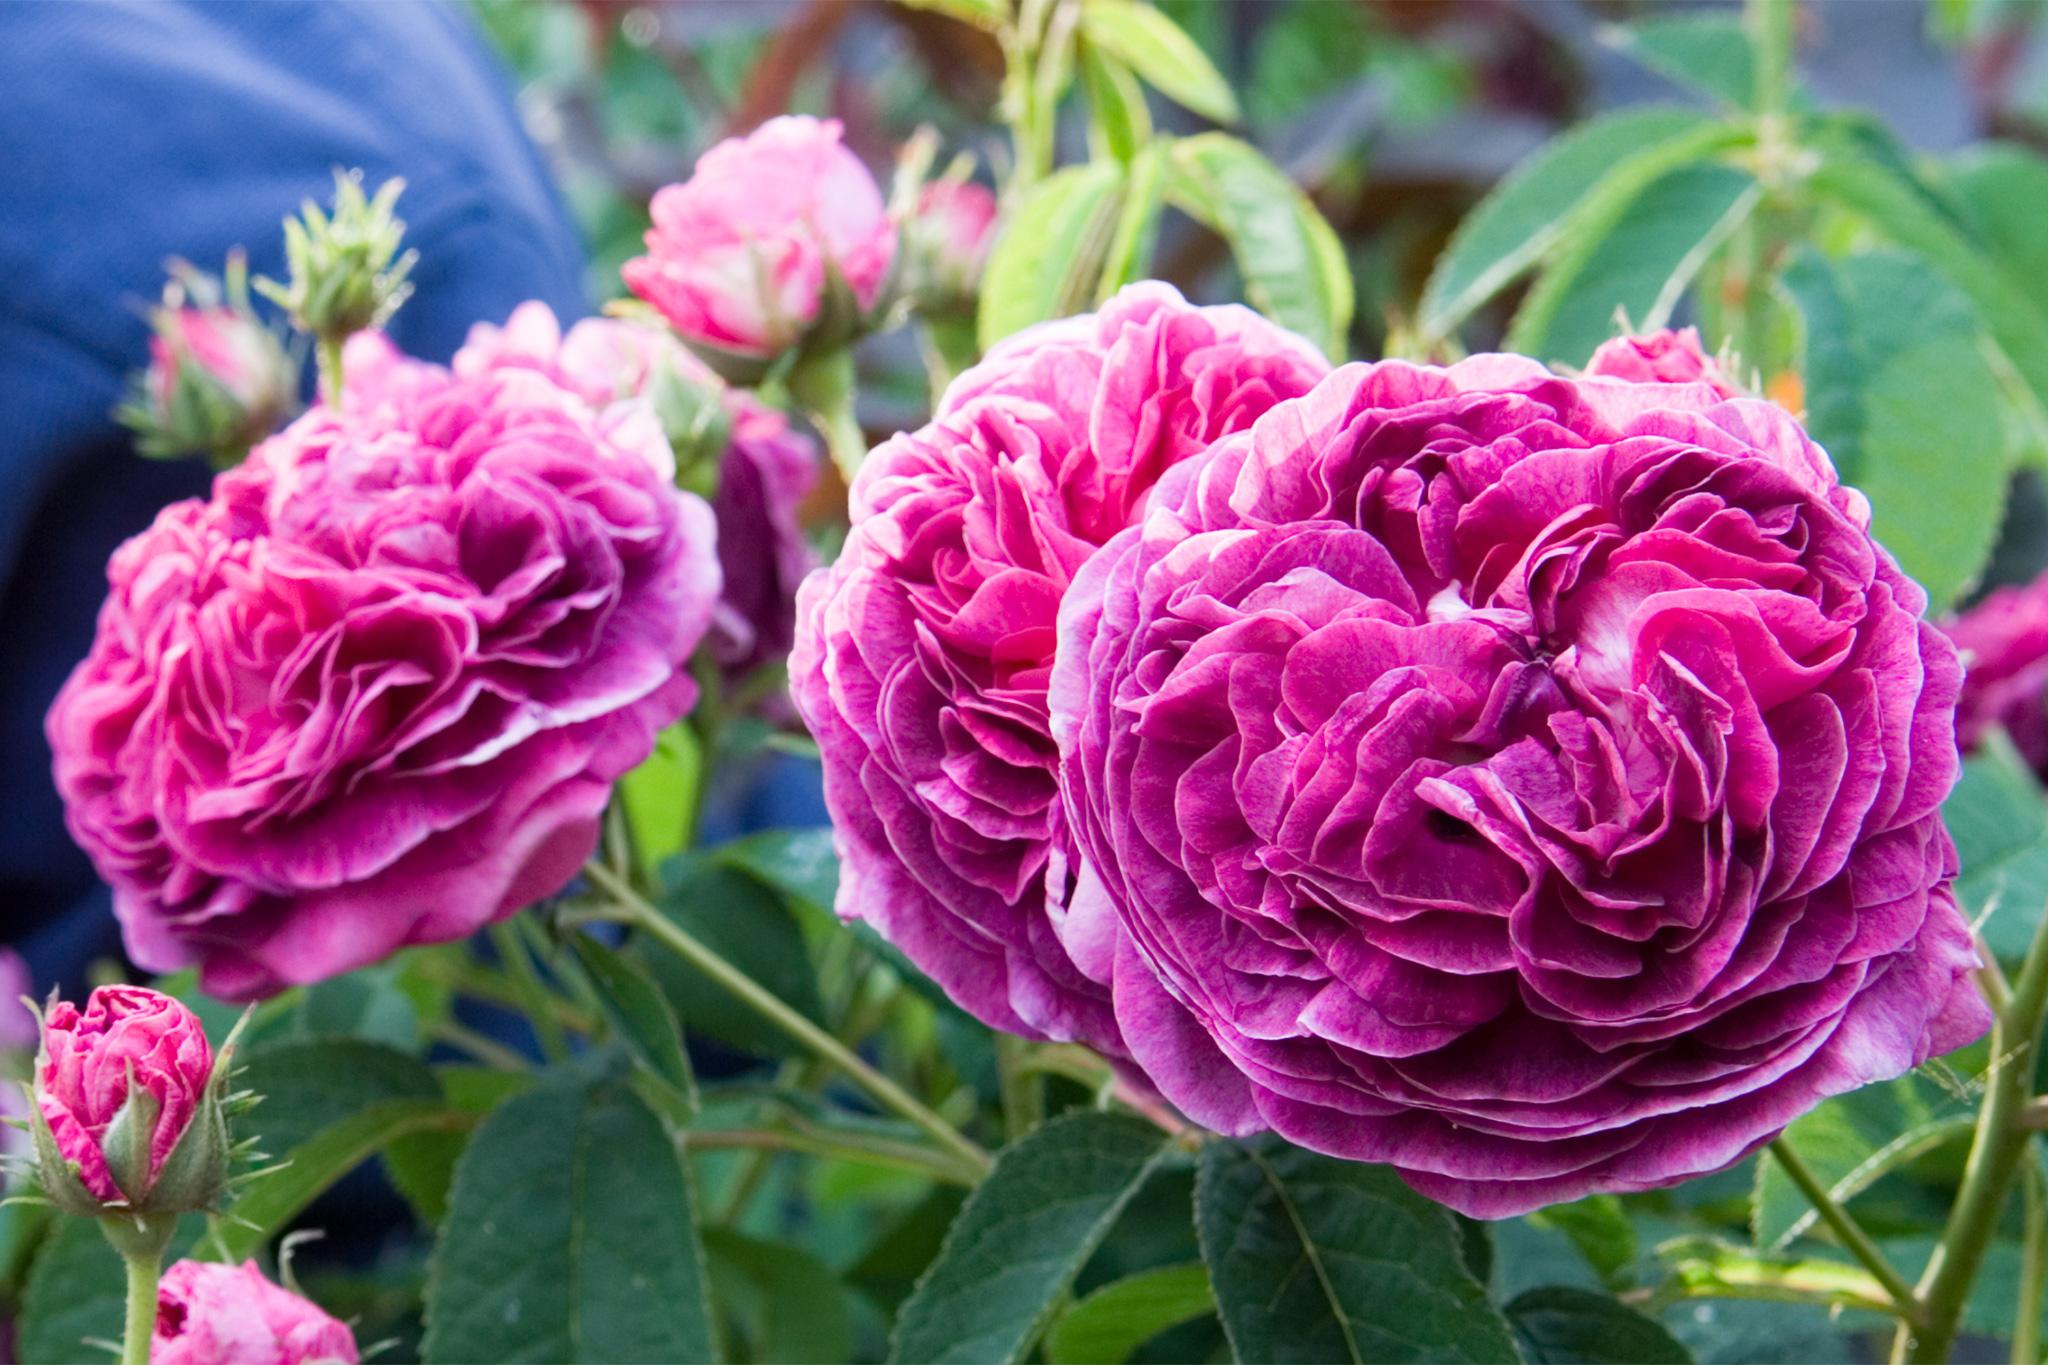 rosa-charles-de-mills-4